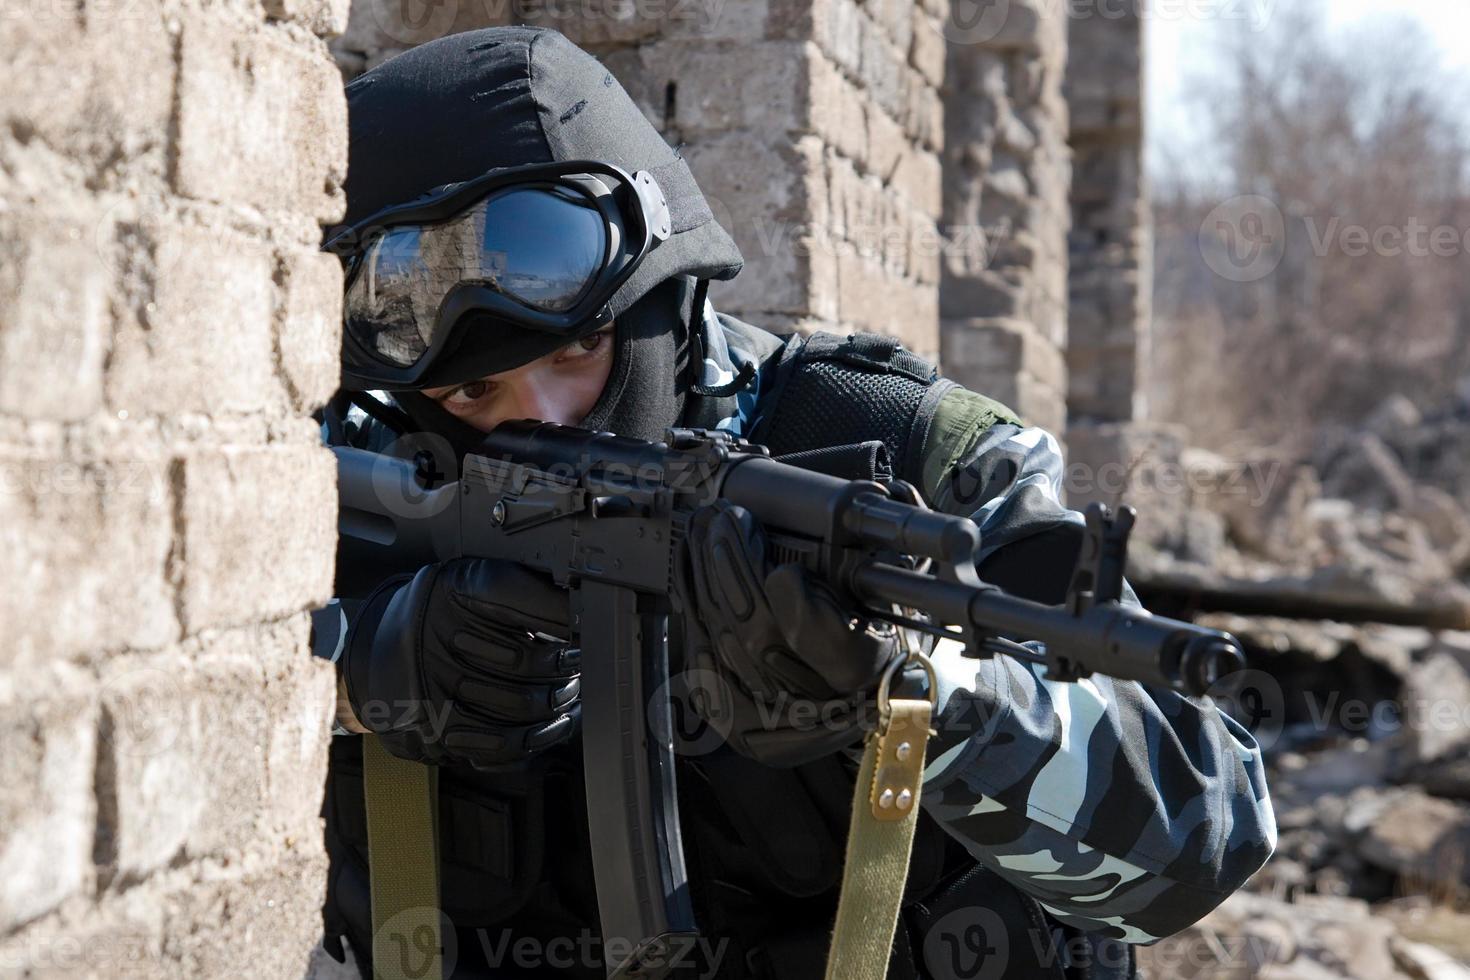 soldat visant une cible avec un fusil automatique photo